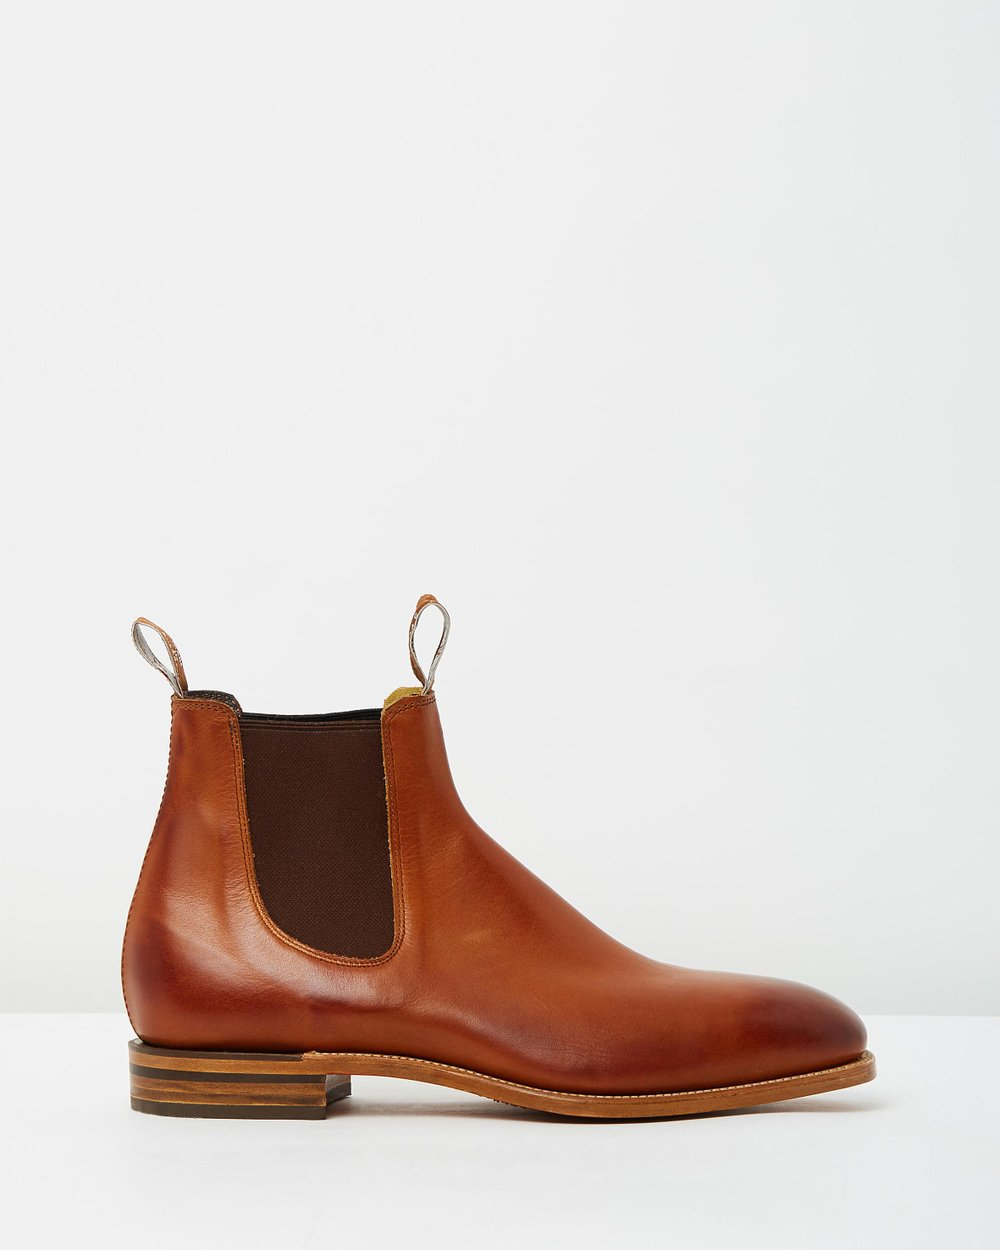 7b9287385a4 Chinchilla Boots